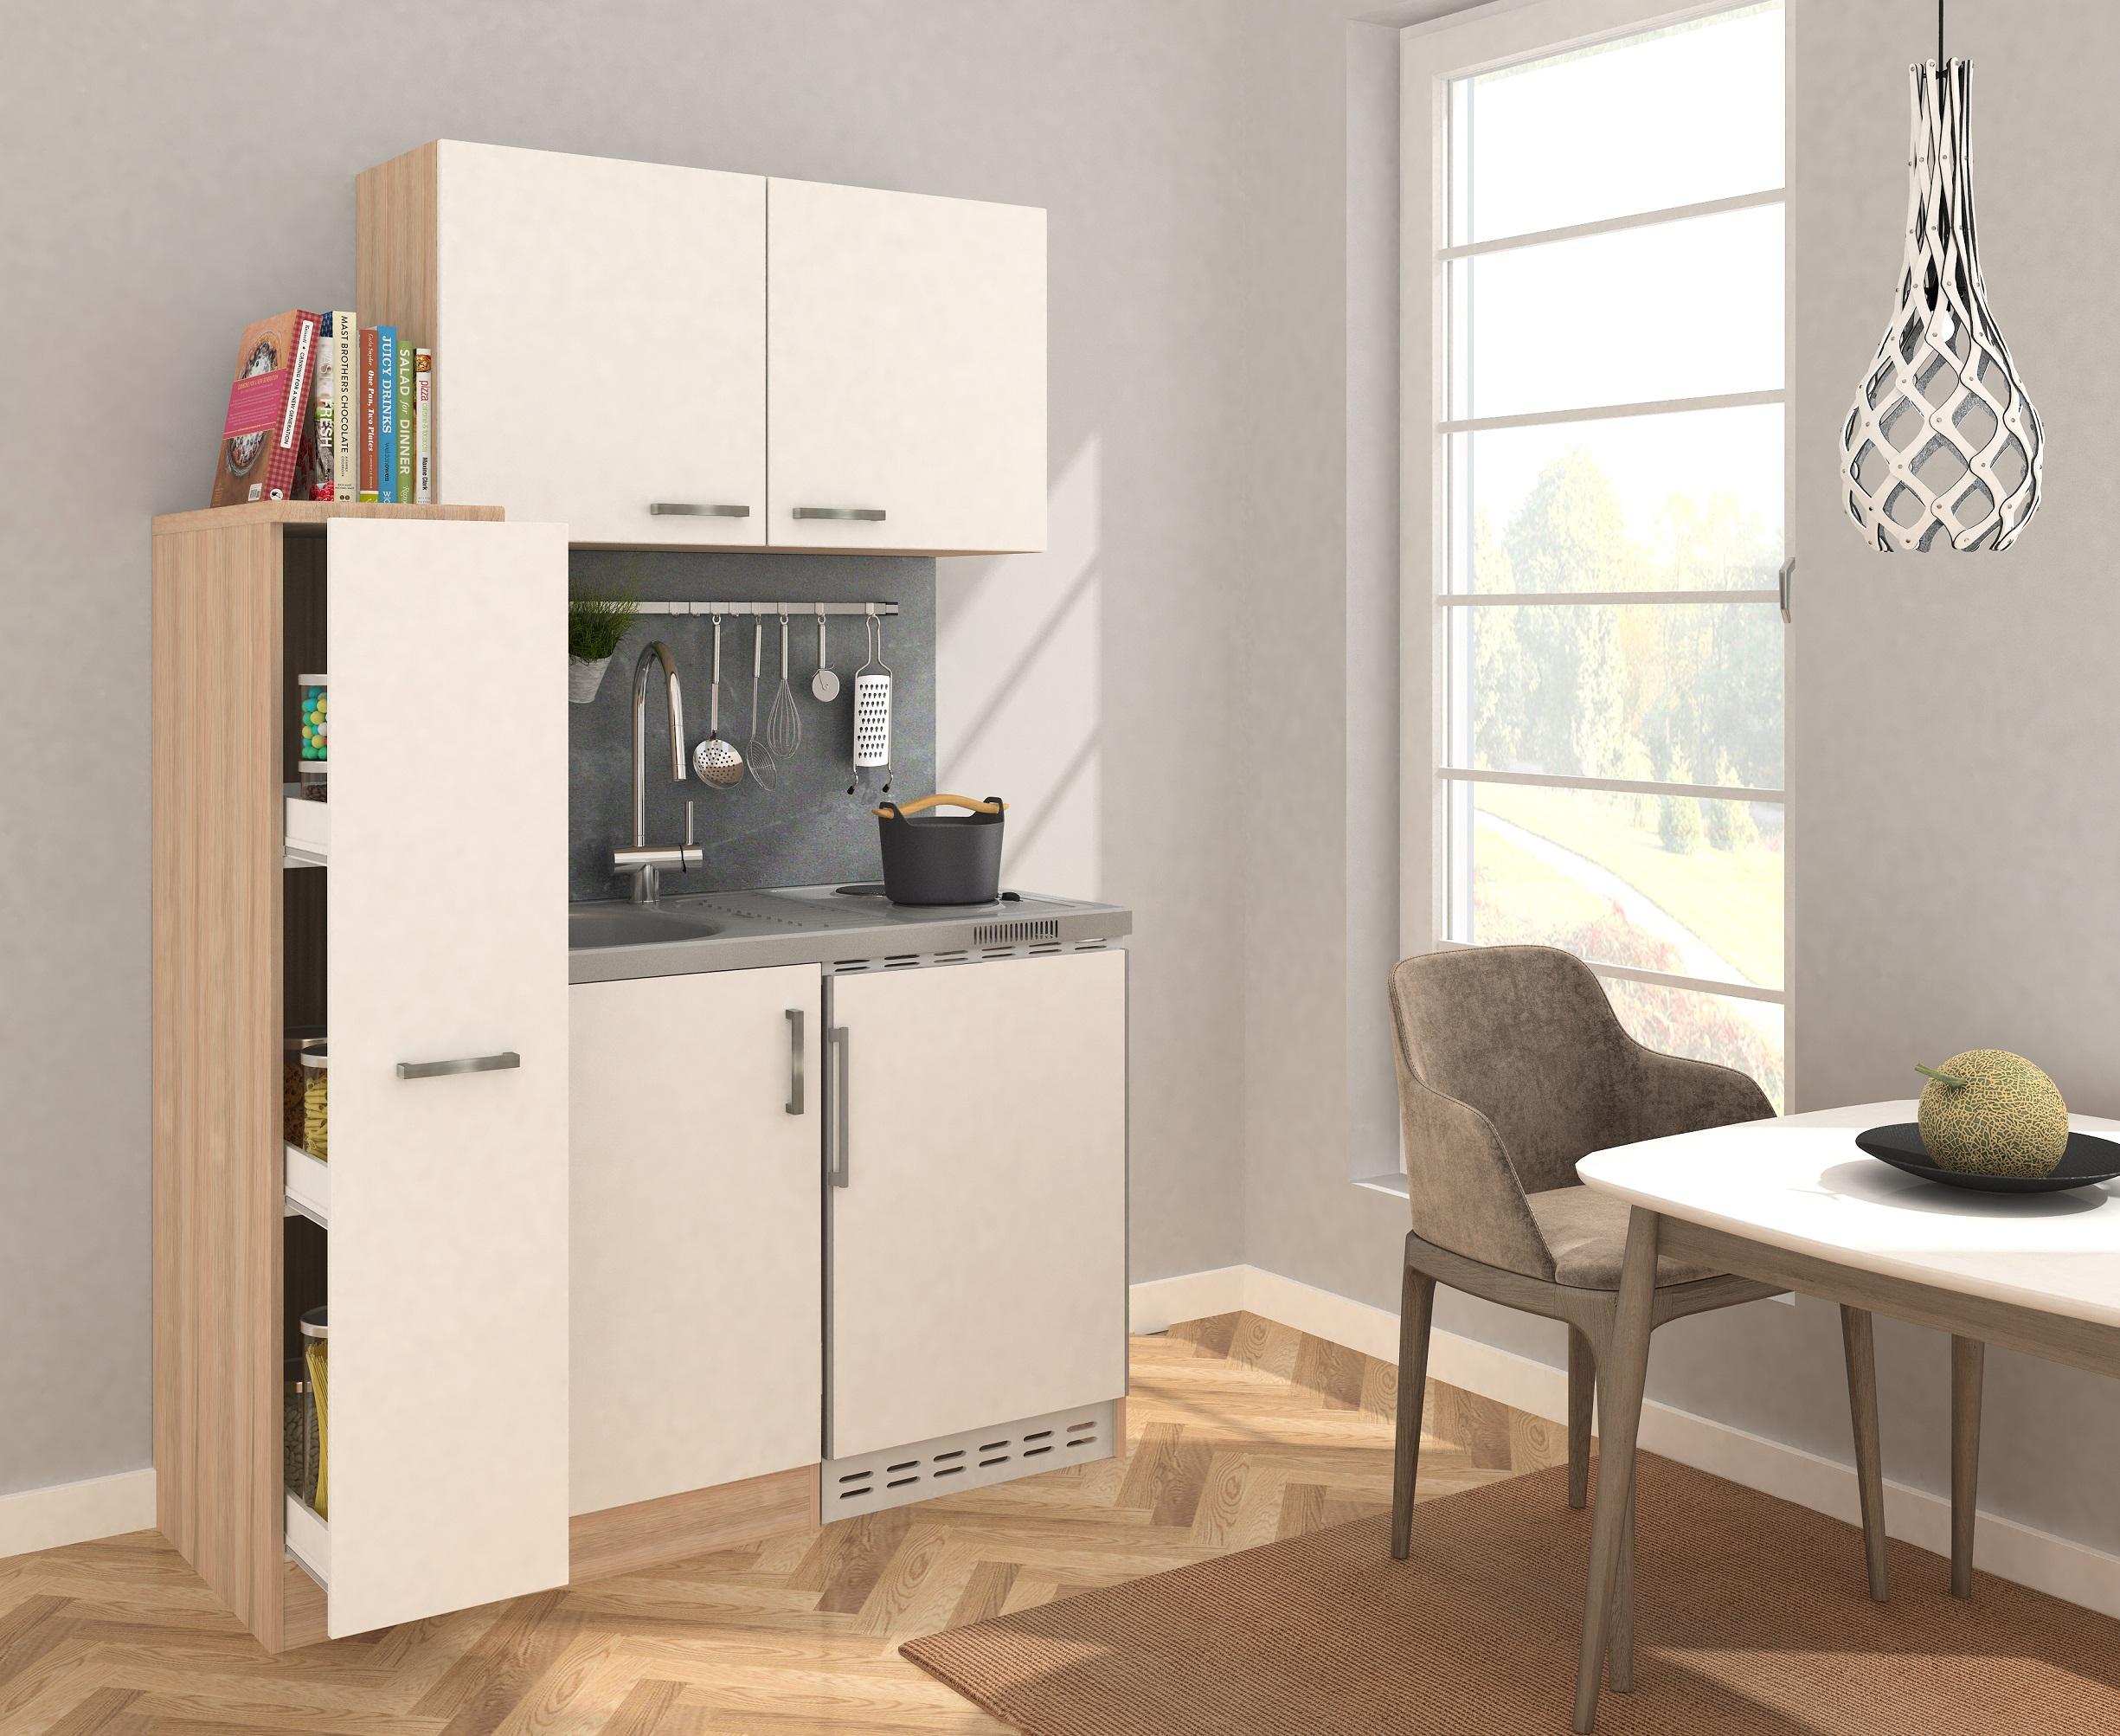 Dettagli su Cucina Mini Blocco Angolo Cottura 130 cm Rovere Ruvido-Segato  Bianco